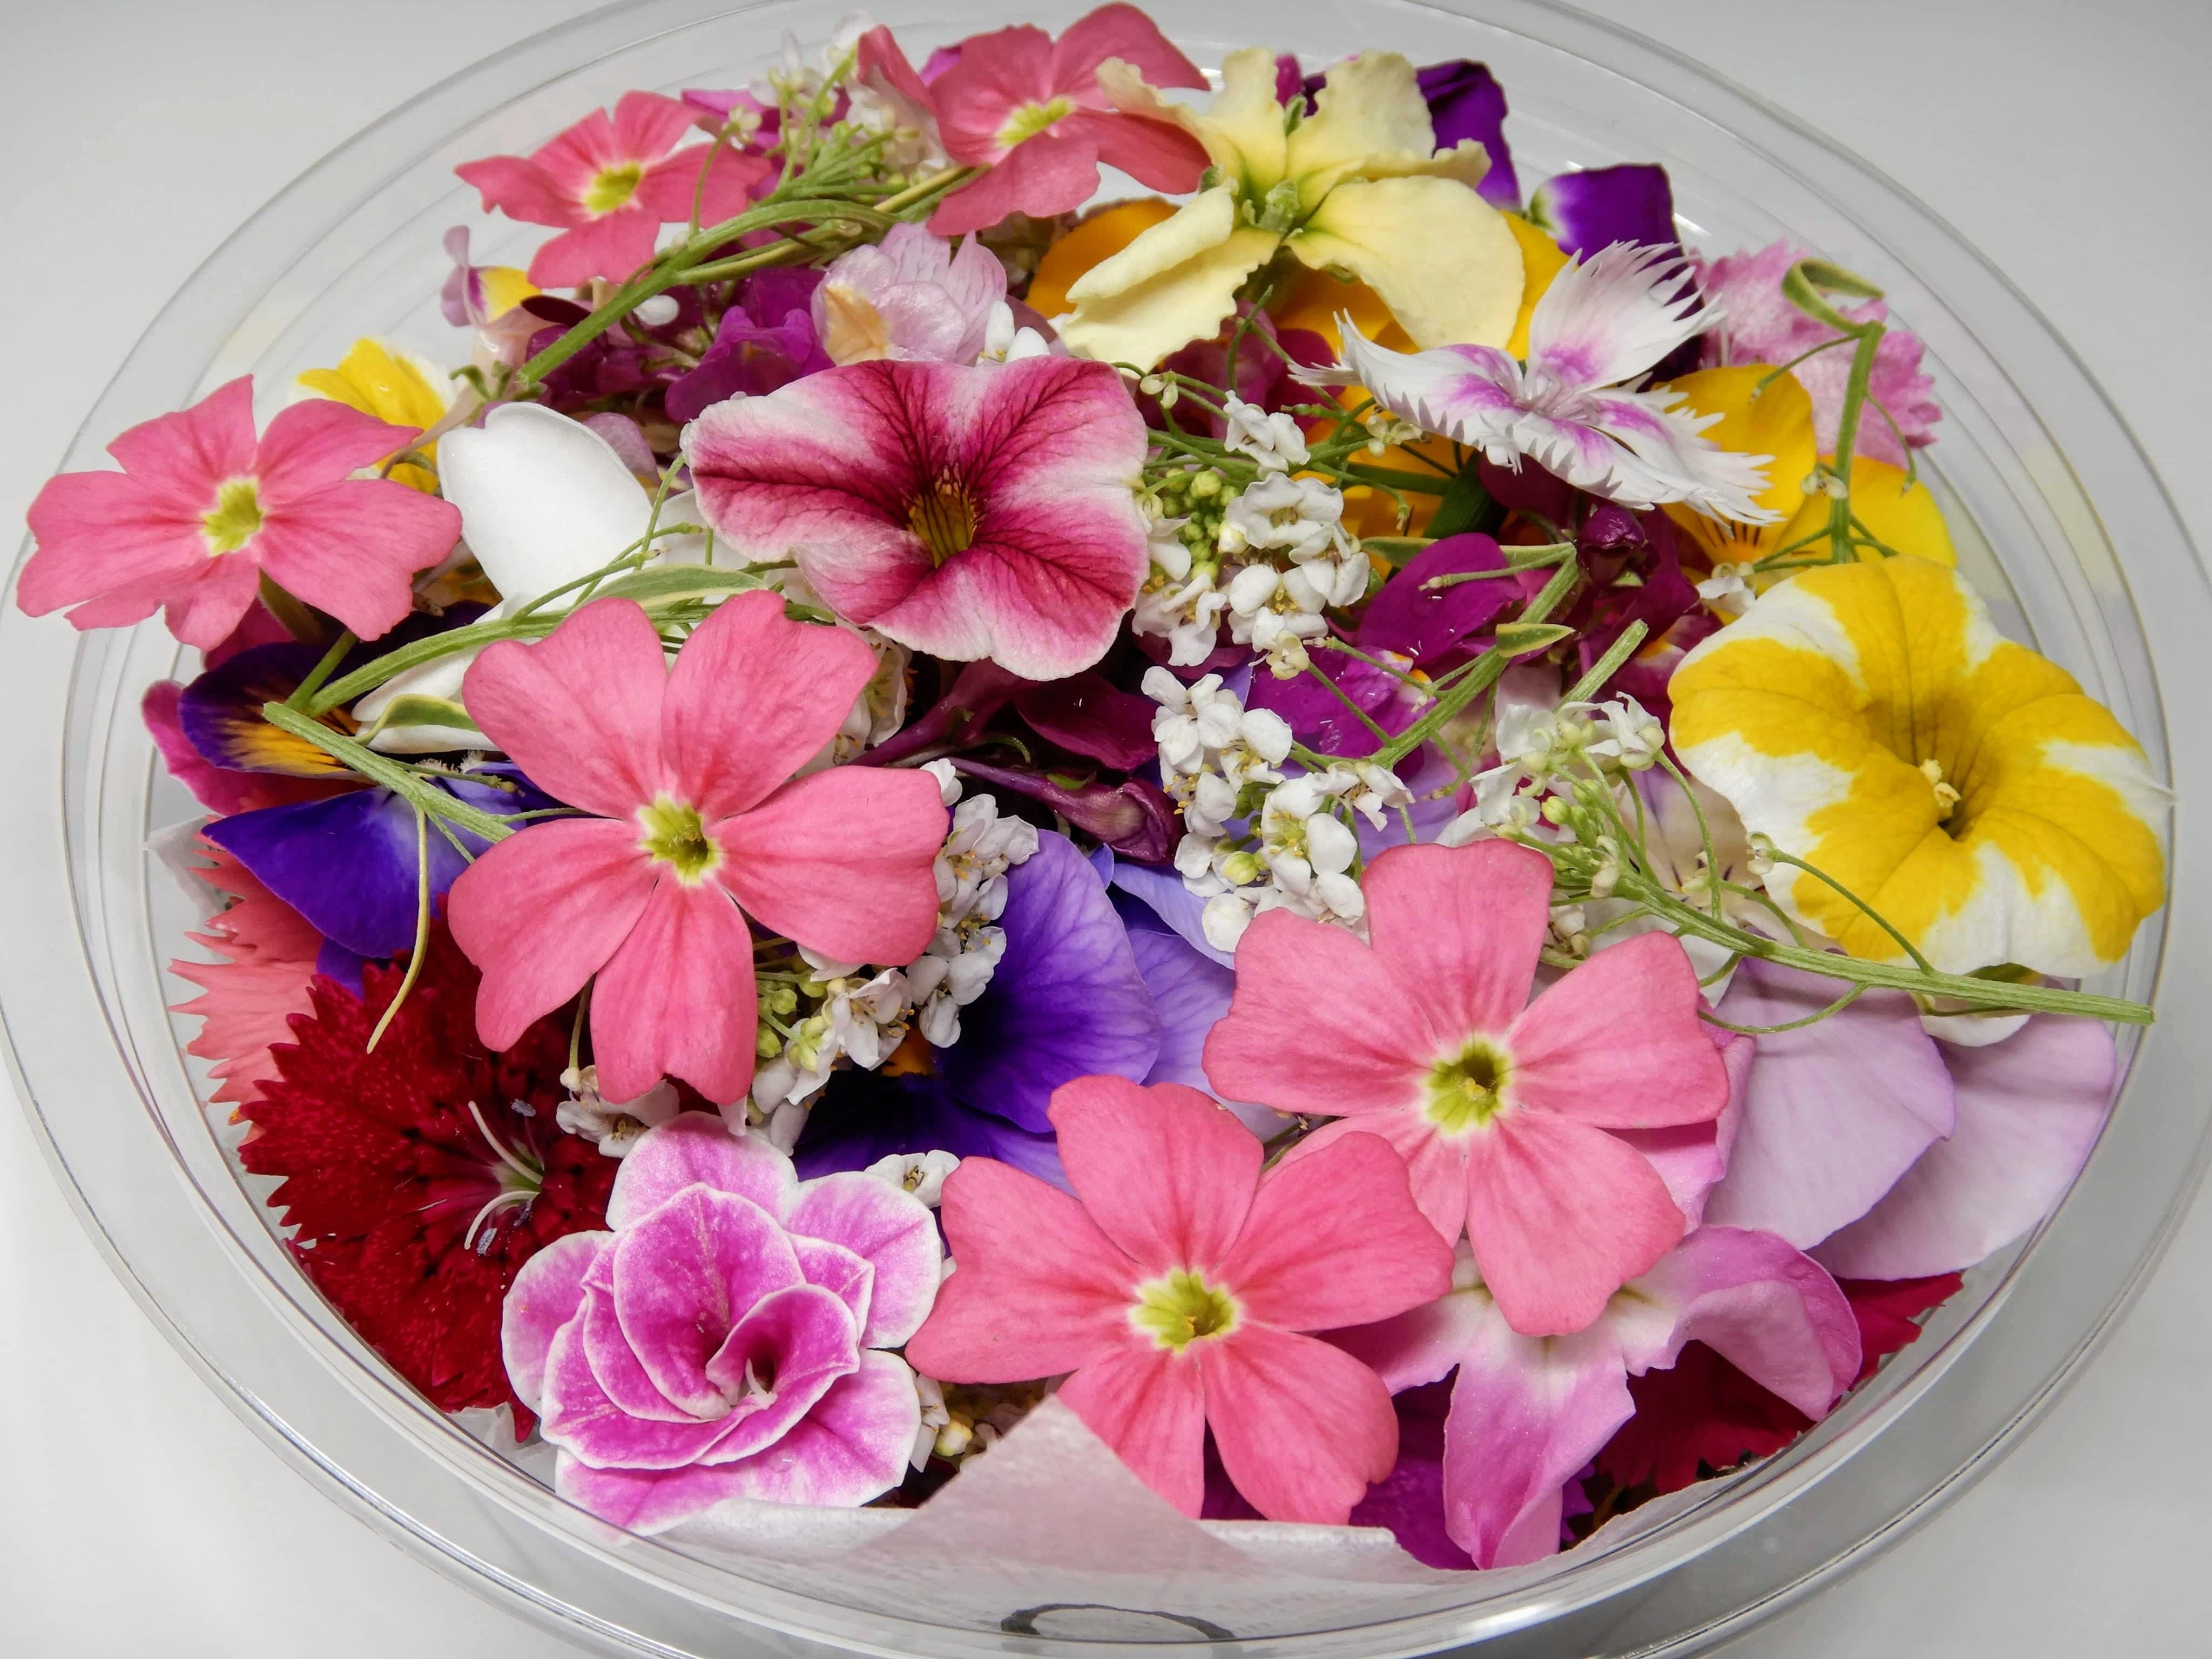 [美食花]エディブルフラワー(食用花)パック